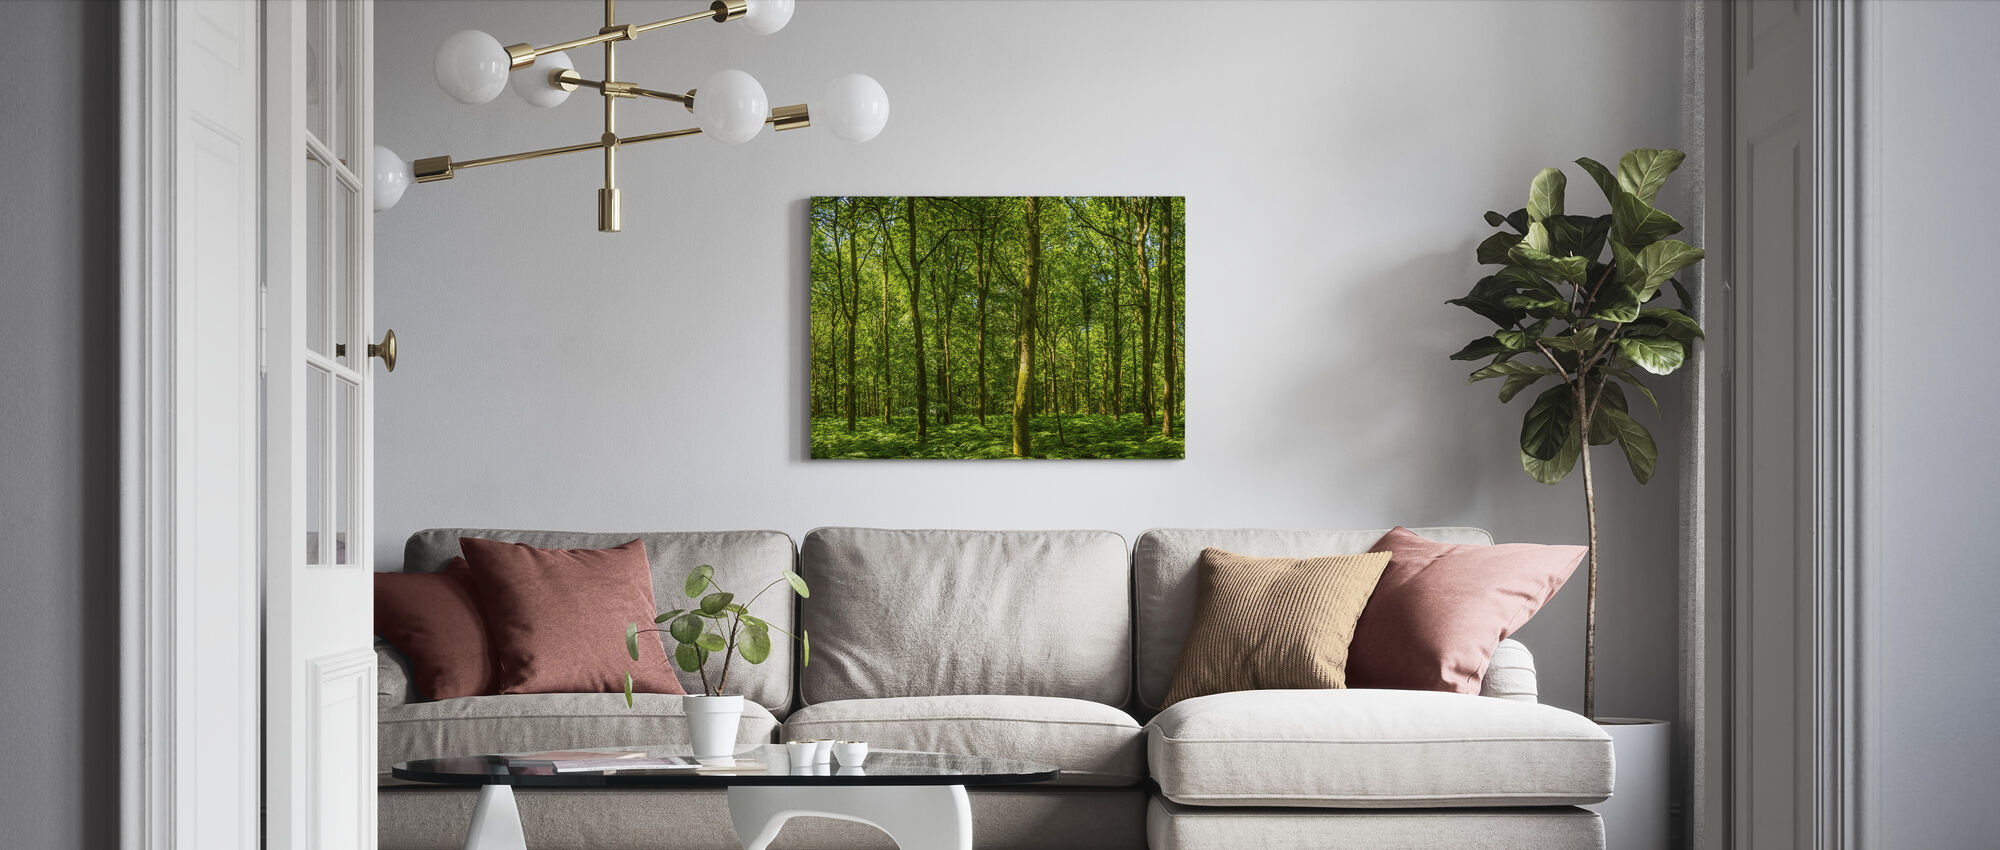 Szmaragdowy Zielony Las Panorama - Obraz na płótnie - Pokój dzienny